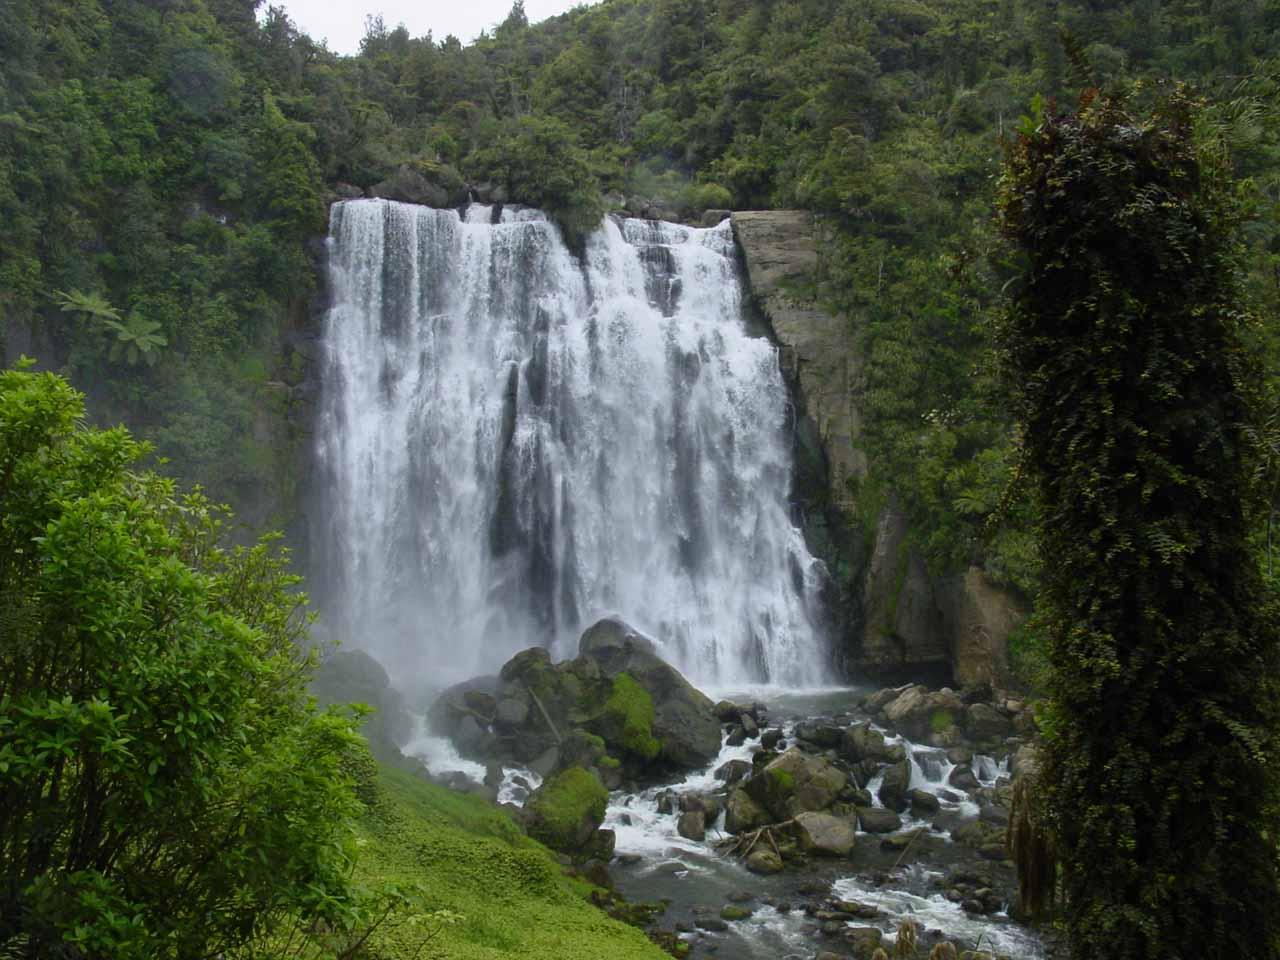 Marokopa Falls seen in November 2004